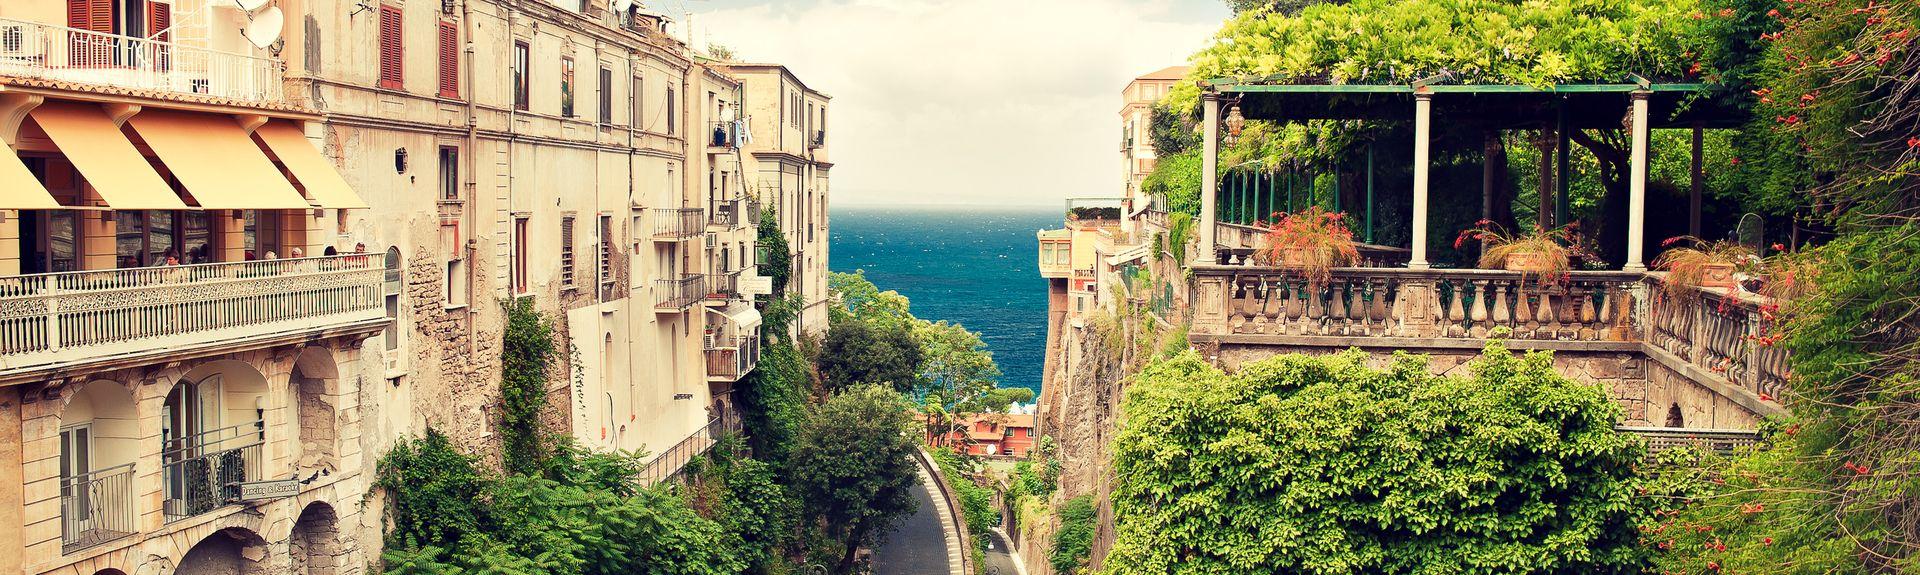 Półwysep Sorrentyński, Kampania, Włochy